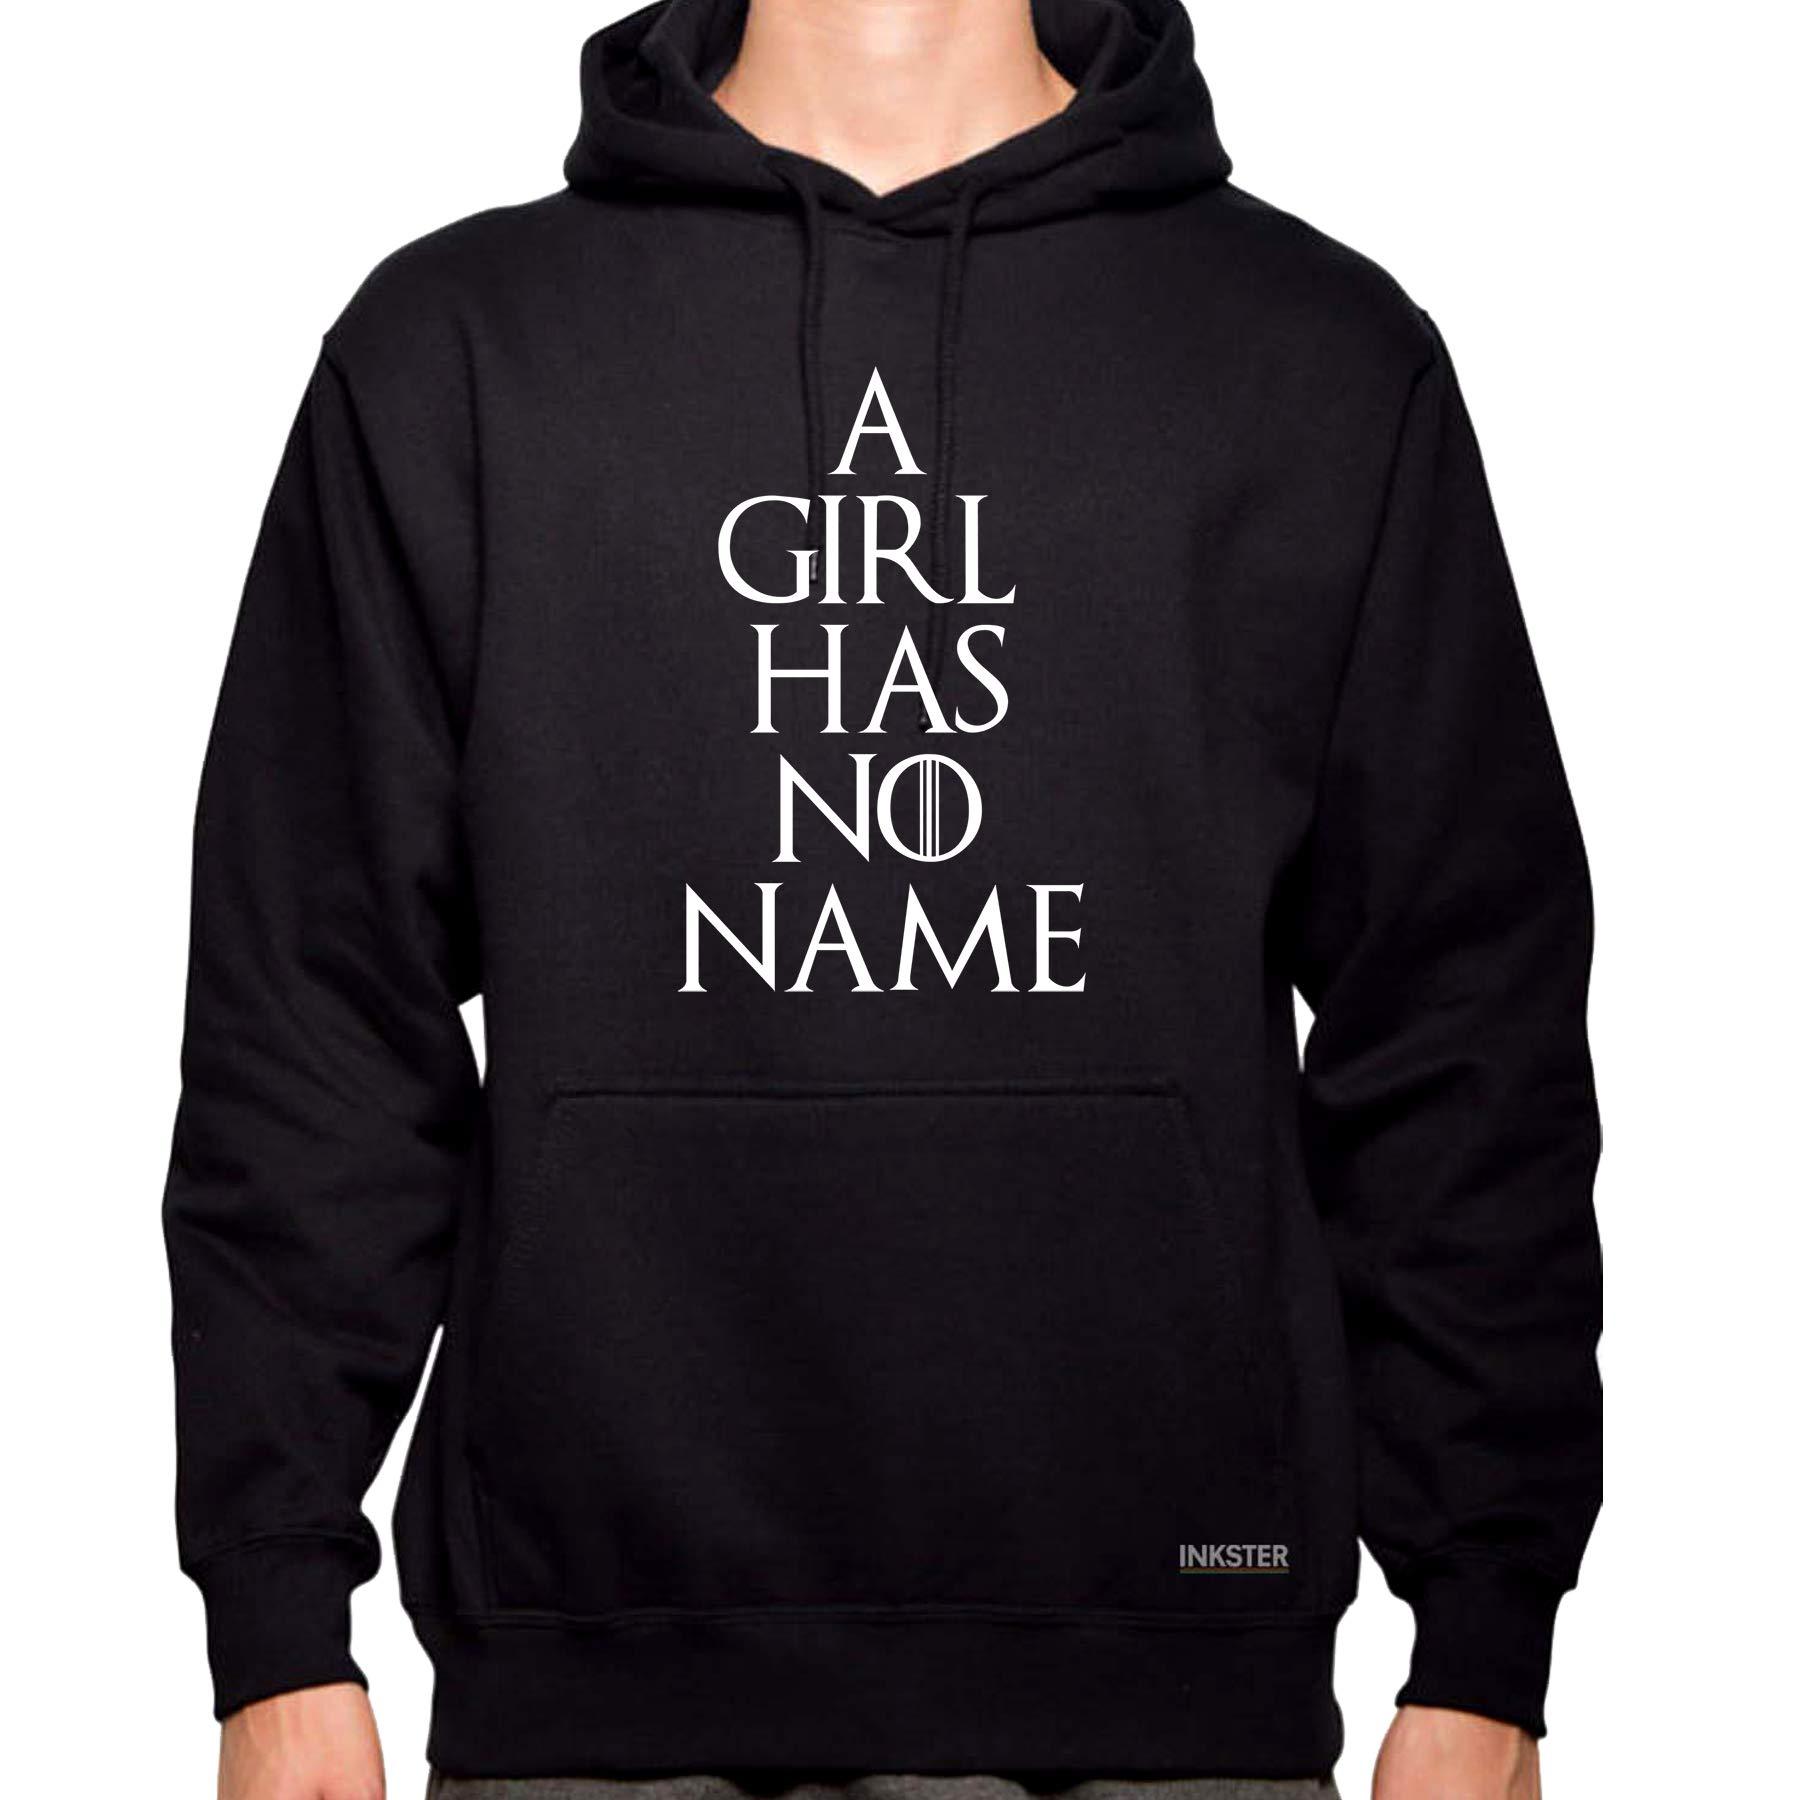 A Girl Has No Name A Girl Has No Name Got 3668 Shirts